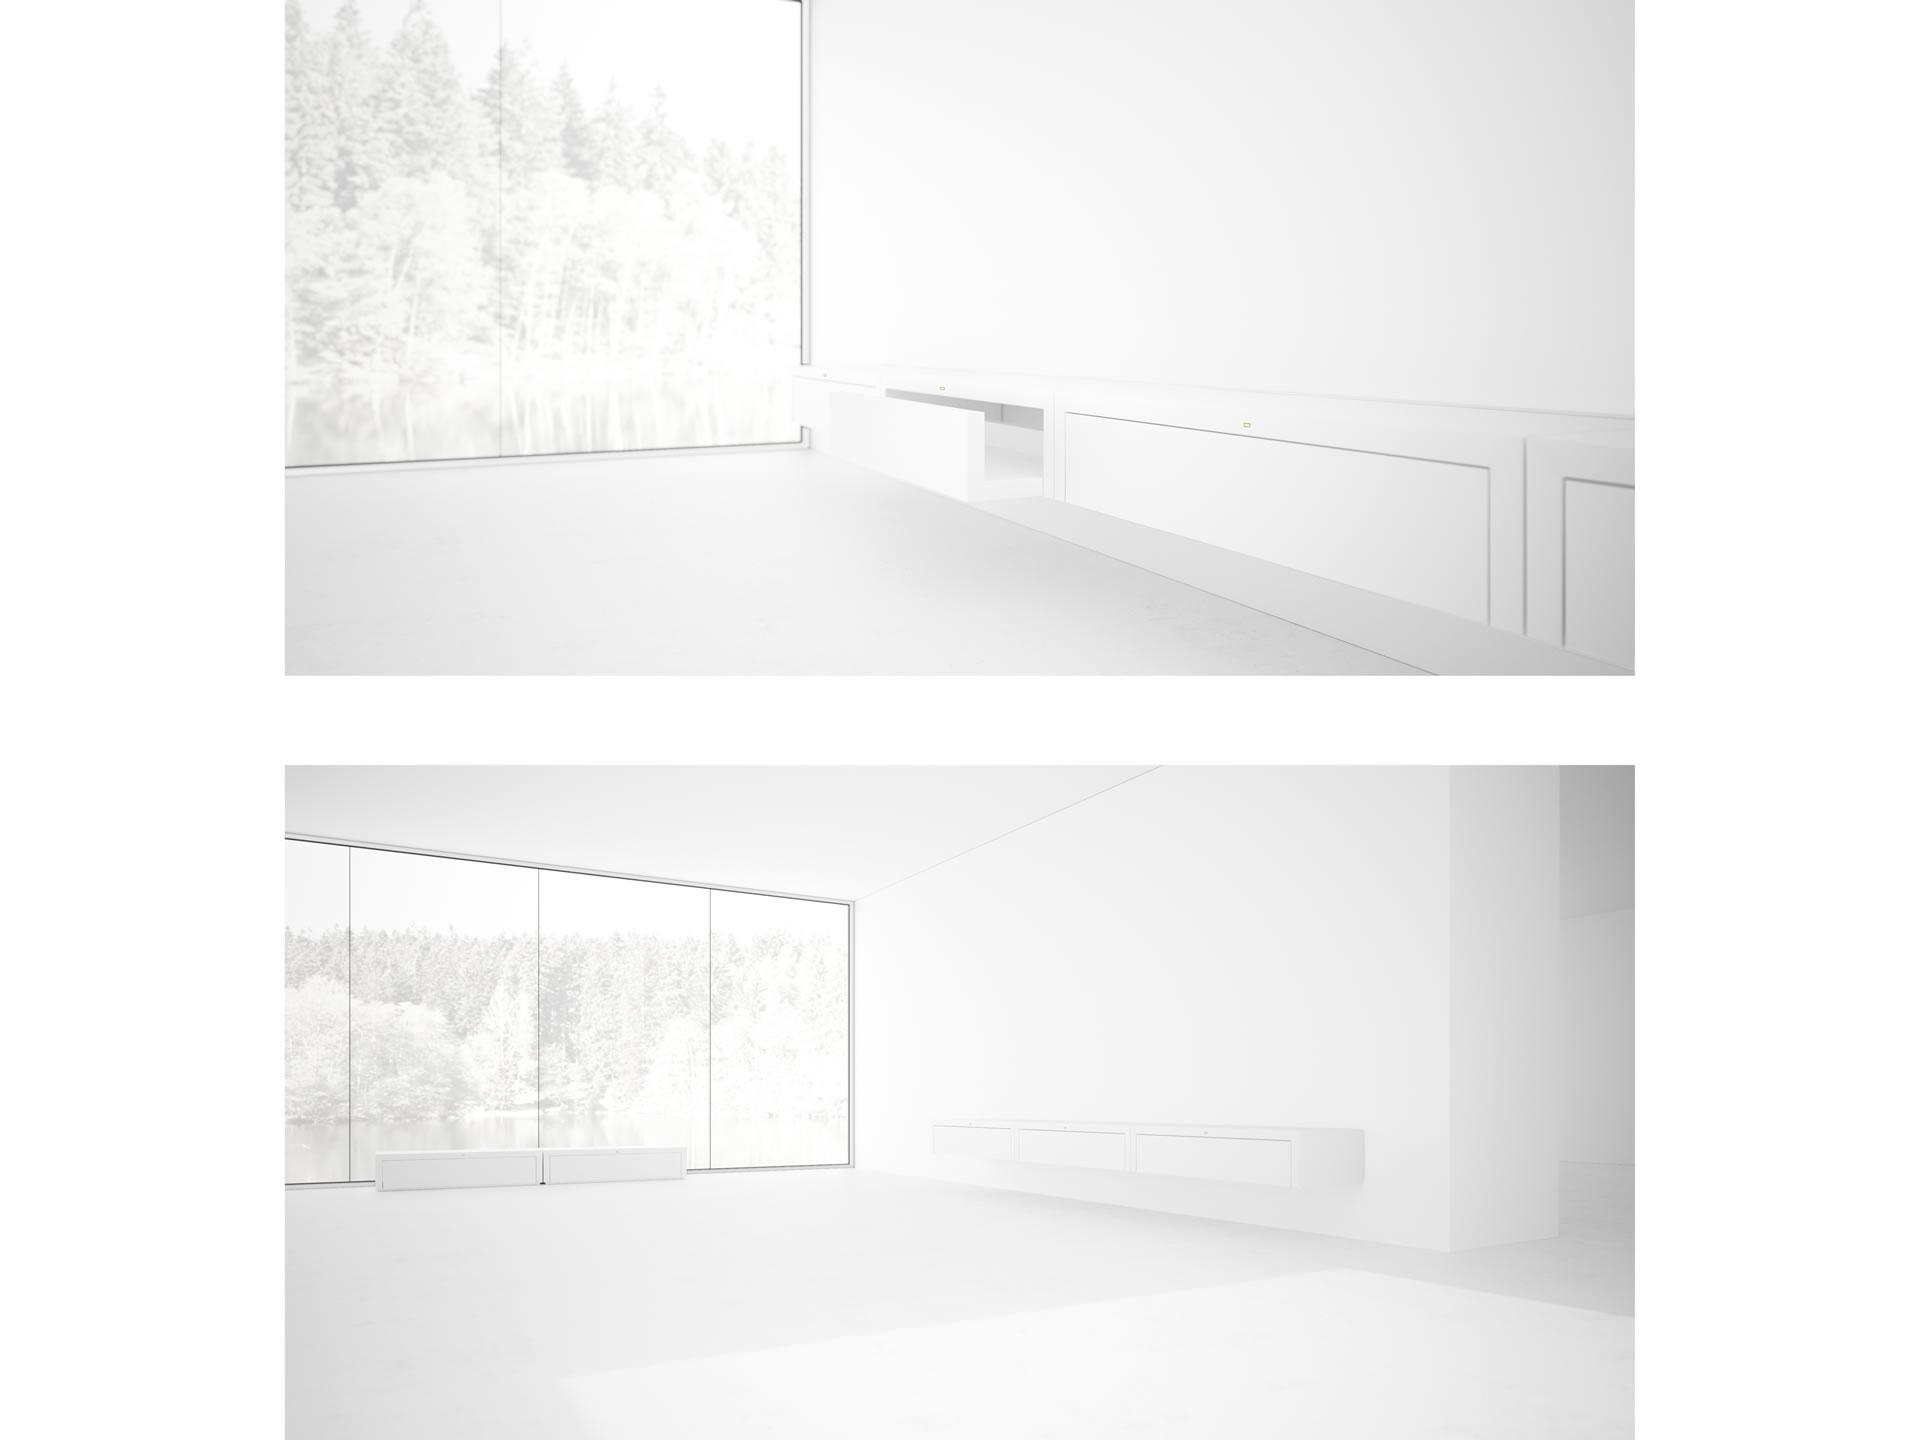 Bezaubernd Weisses Sideboard Galerie Von Felix Schwake Schrank I I Ives Hifi